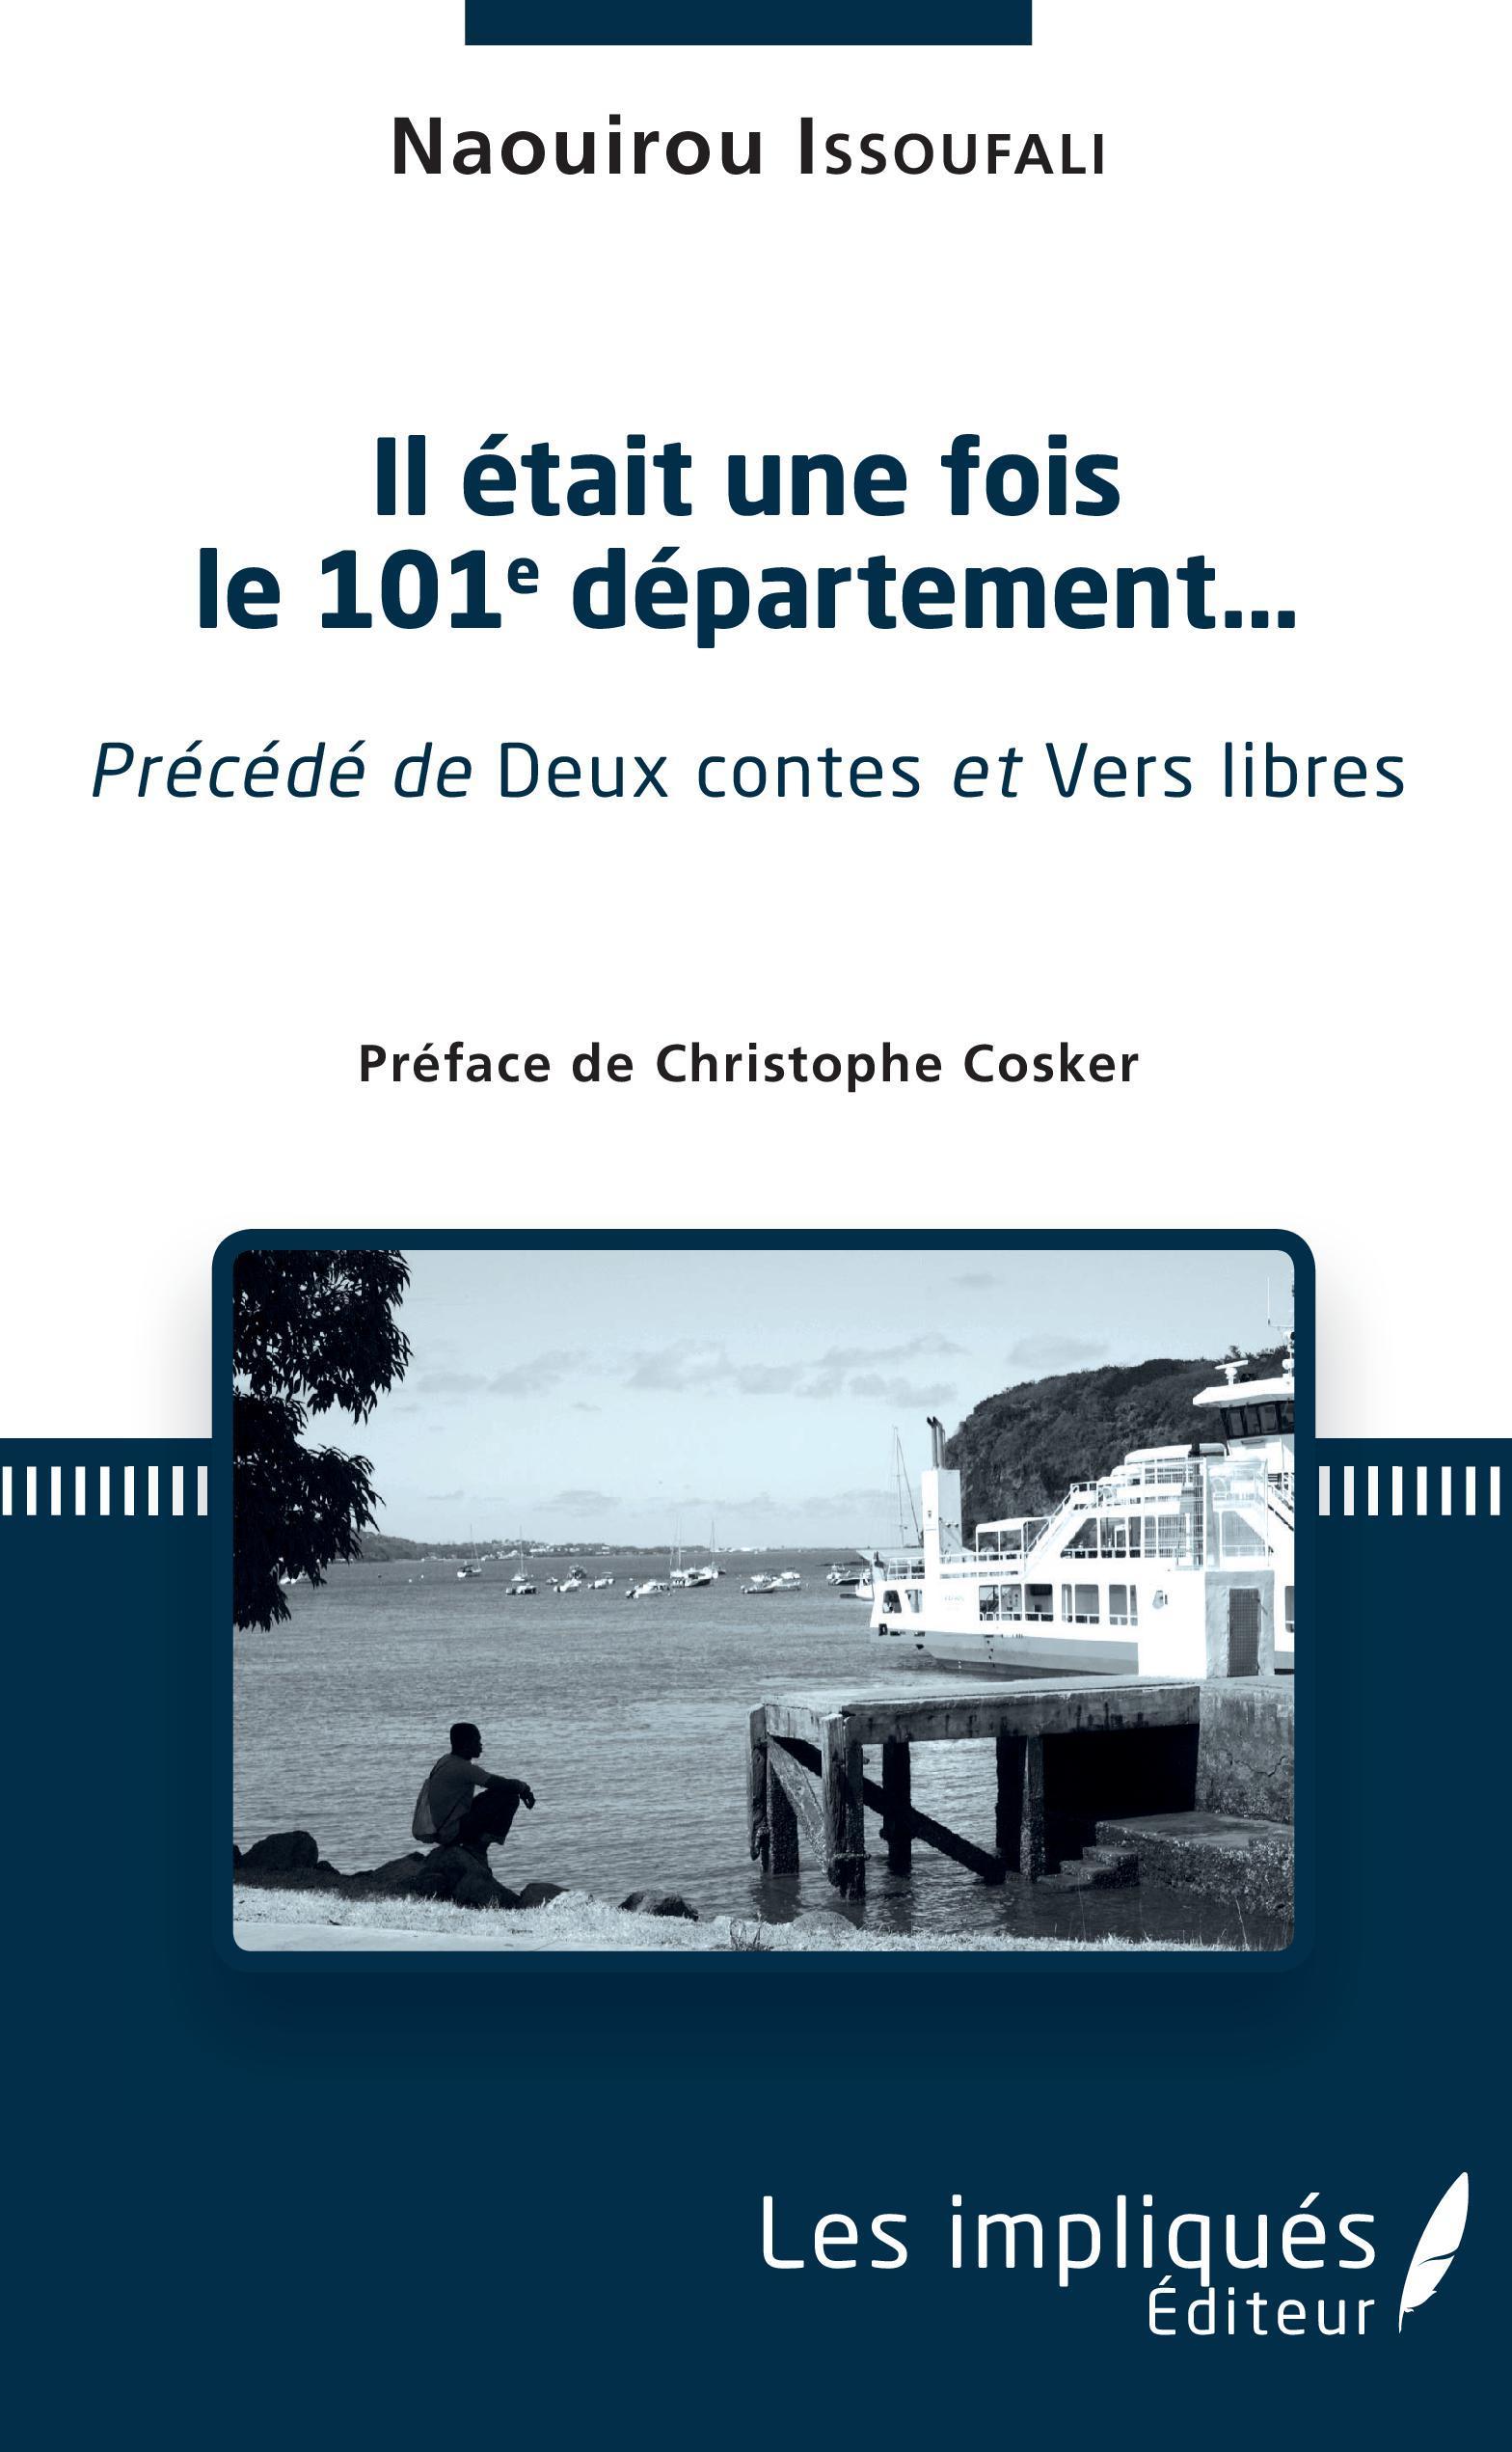 IL ETAIT UNE FOIS LE 101E DEPARTEMENT... - PRECEDE DE DEUX CONTES ET VERS LIBRES